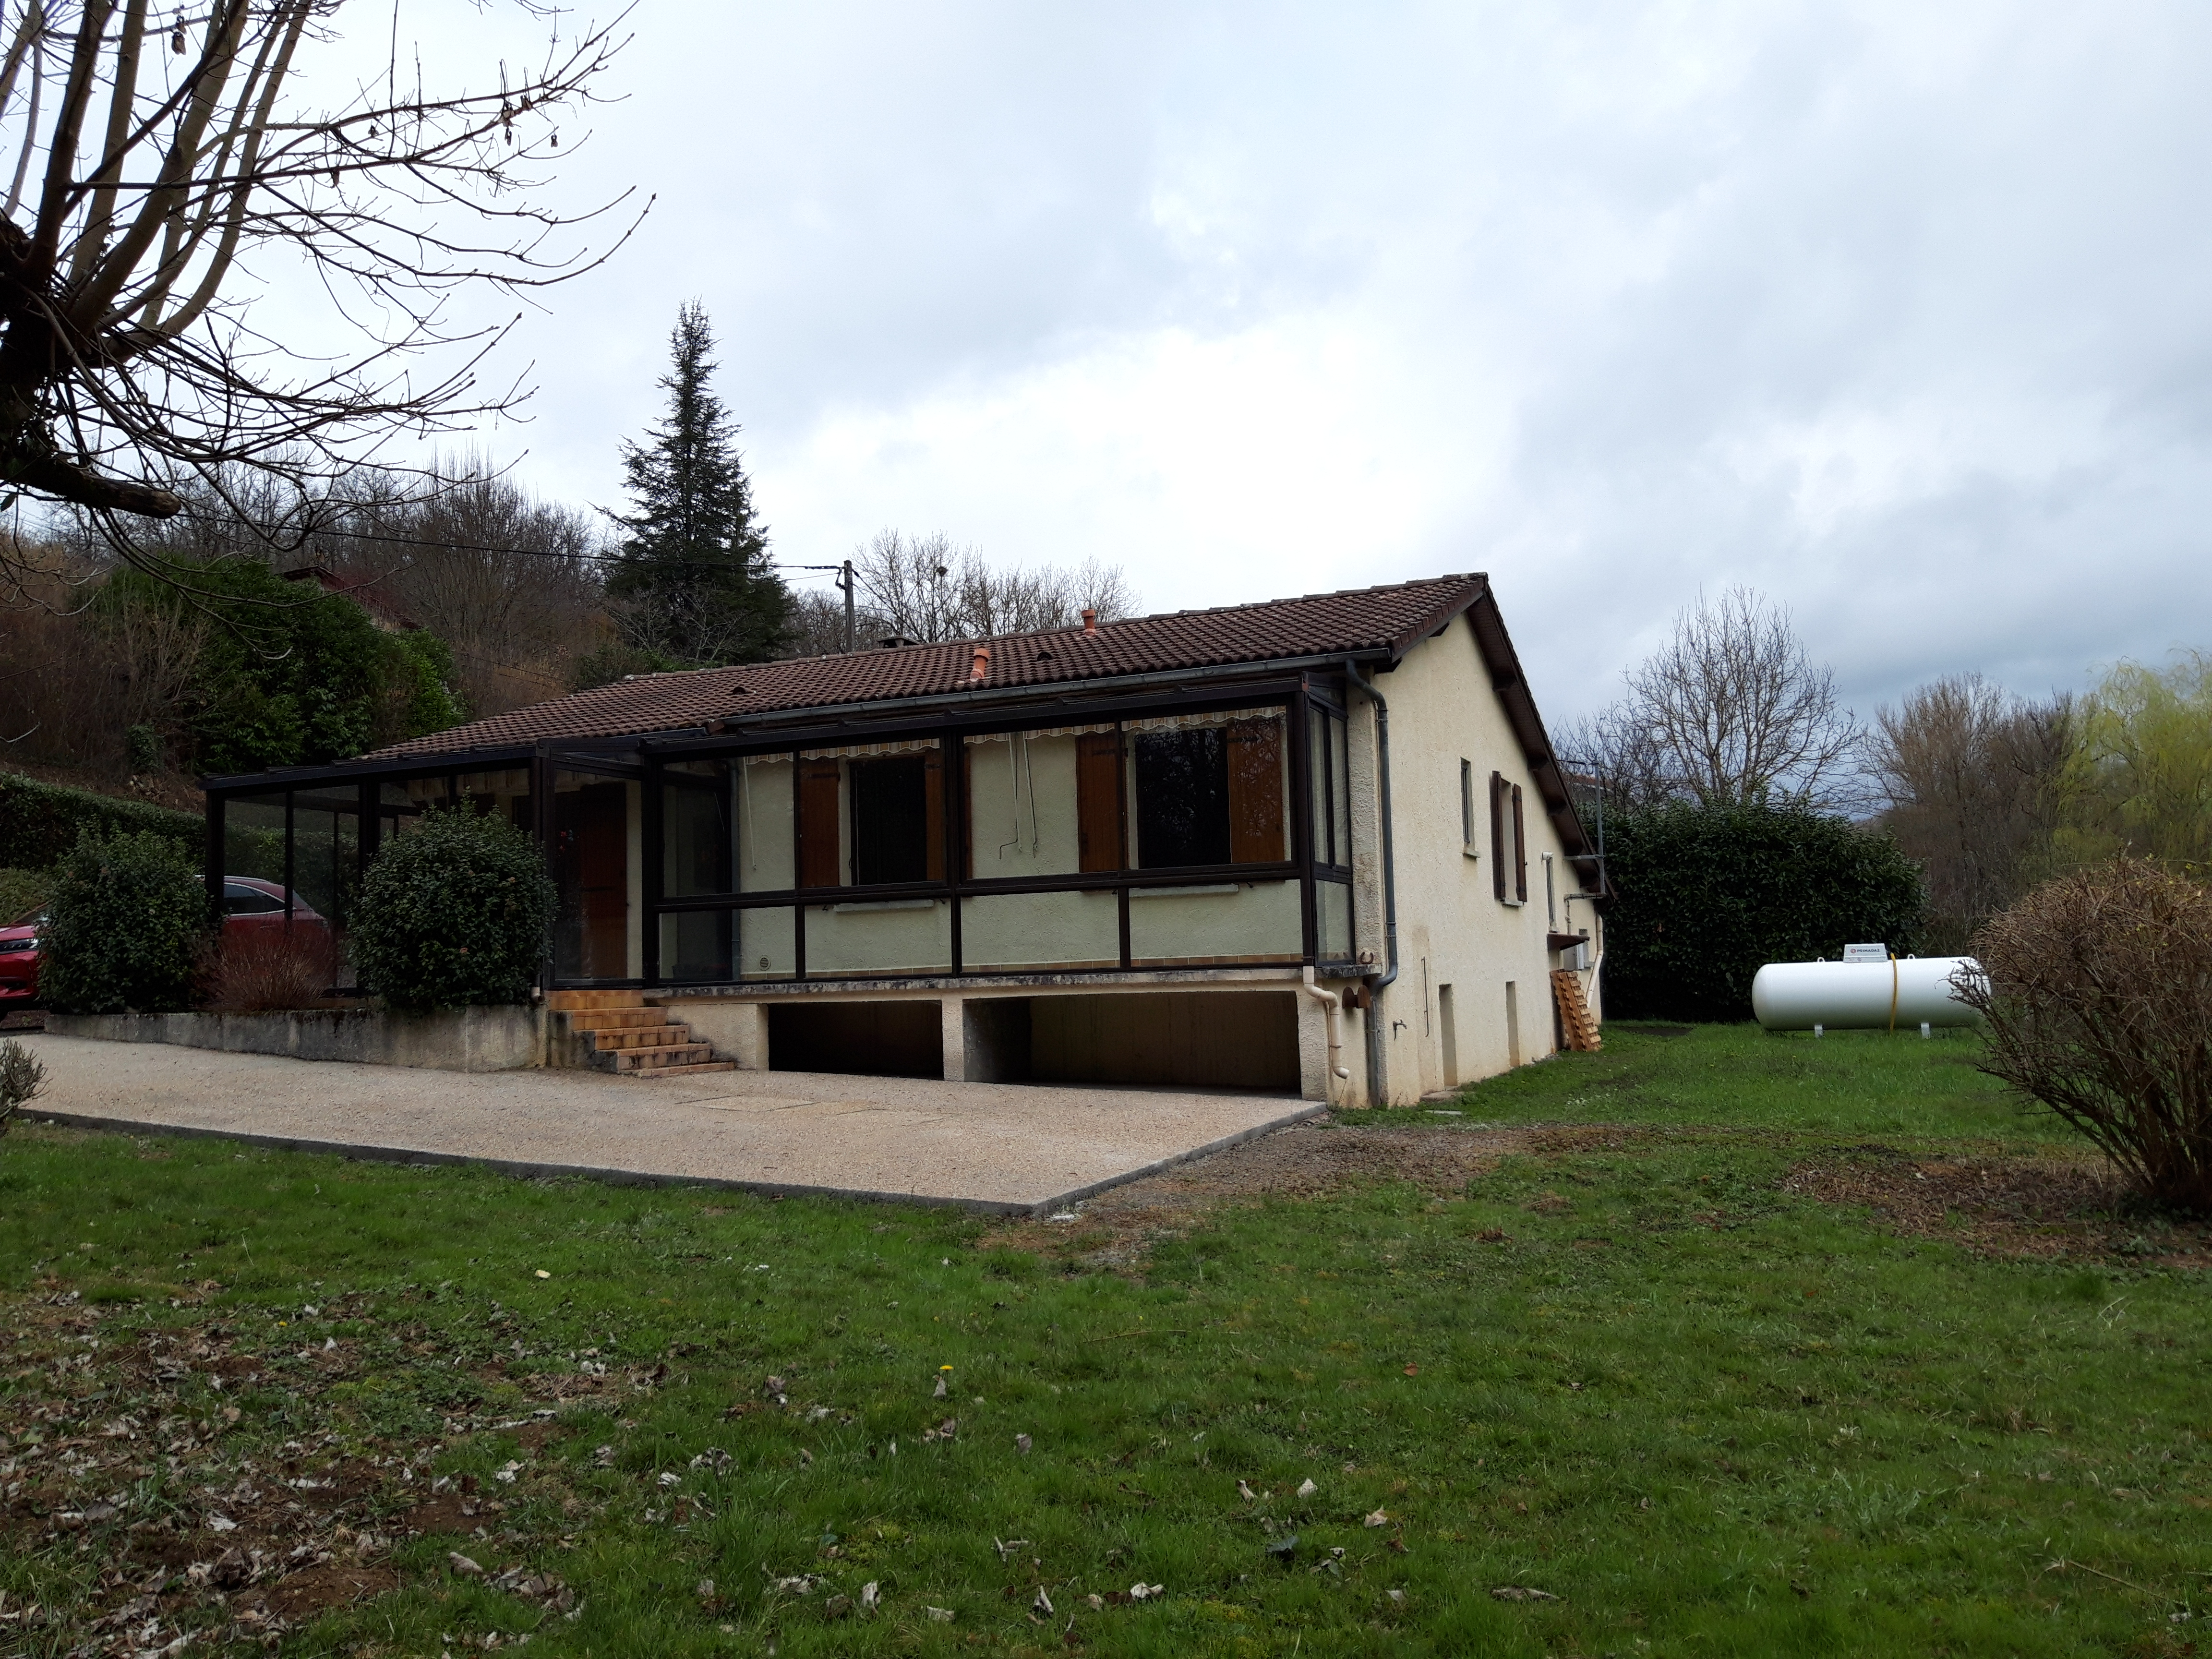 Maison T4 avec double garage à vendre, proche Figeac